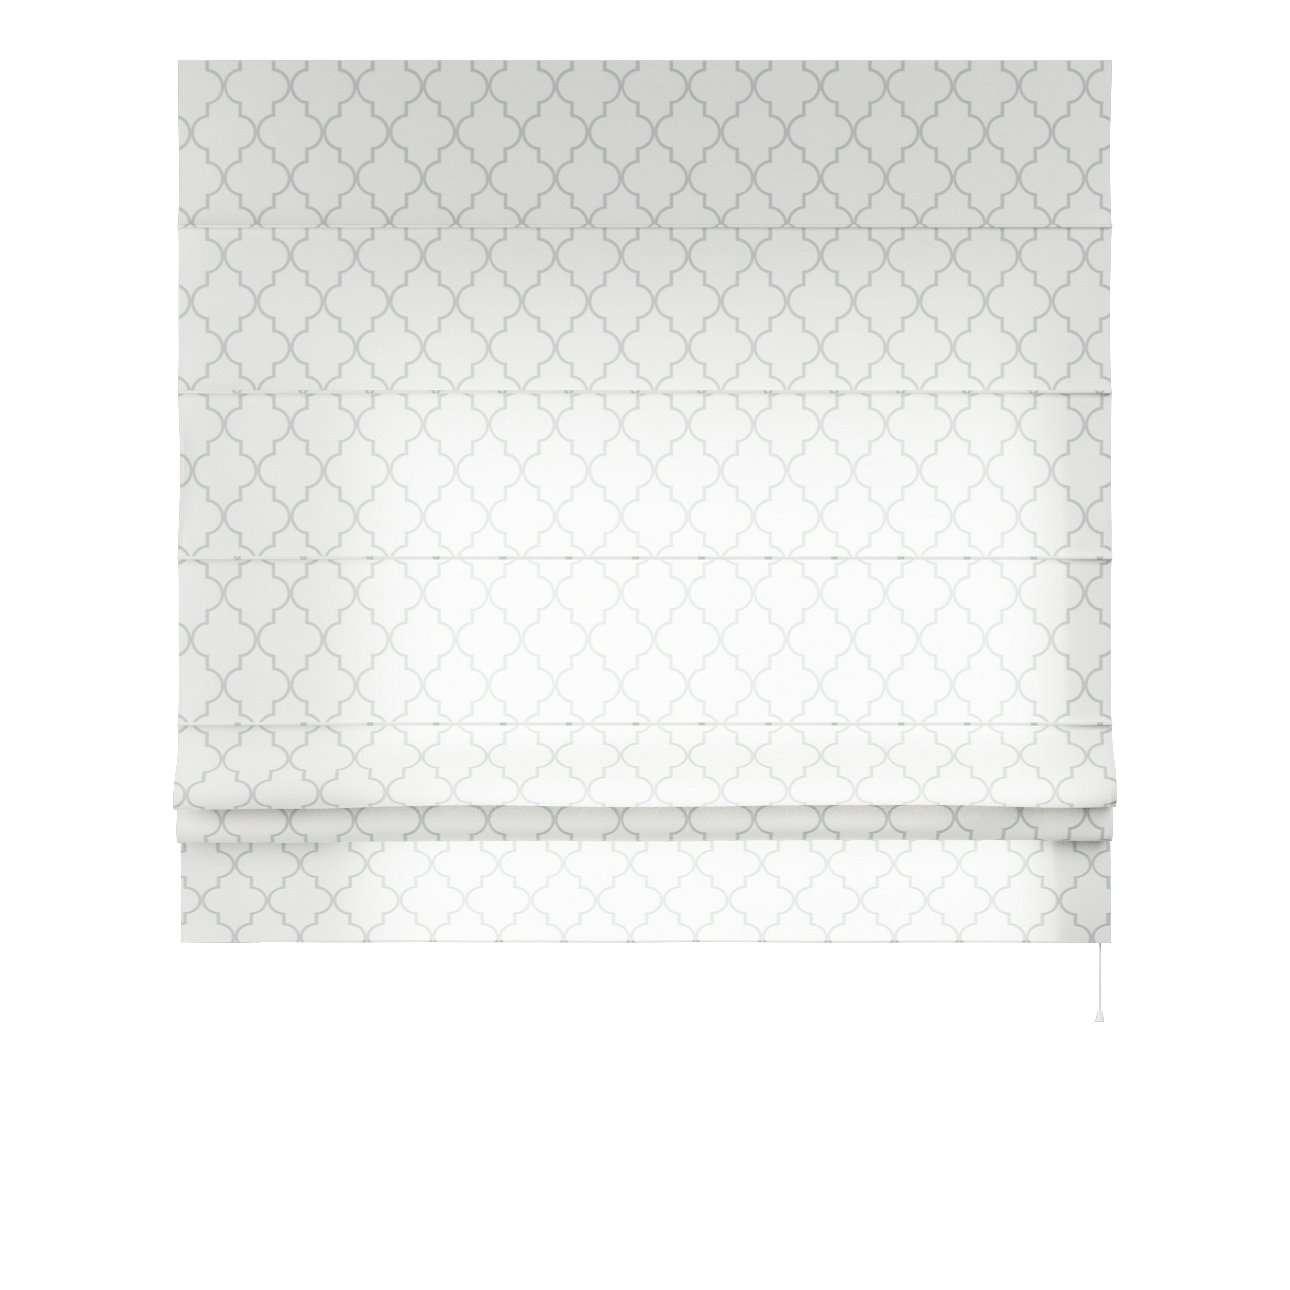 Romanetės Padva 80 x 170 cm (plotis x ilgis) kolekcijoje Comics Prints, audinys: 137-85